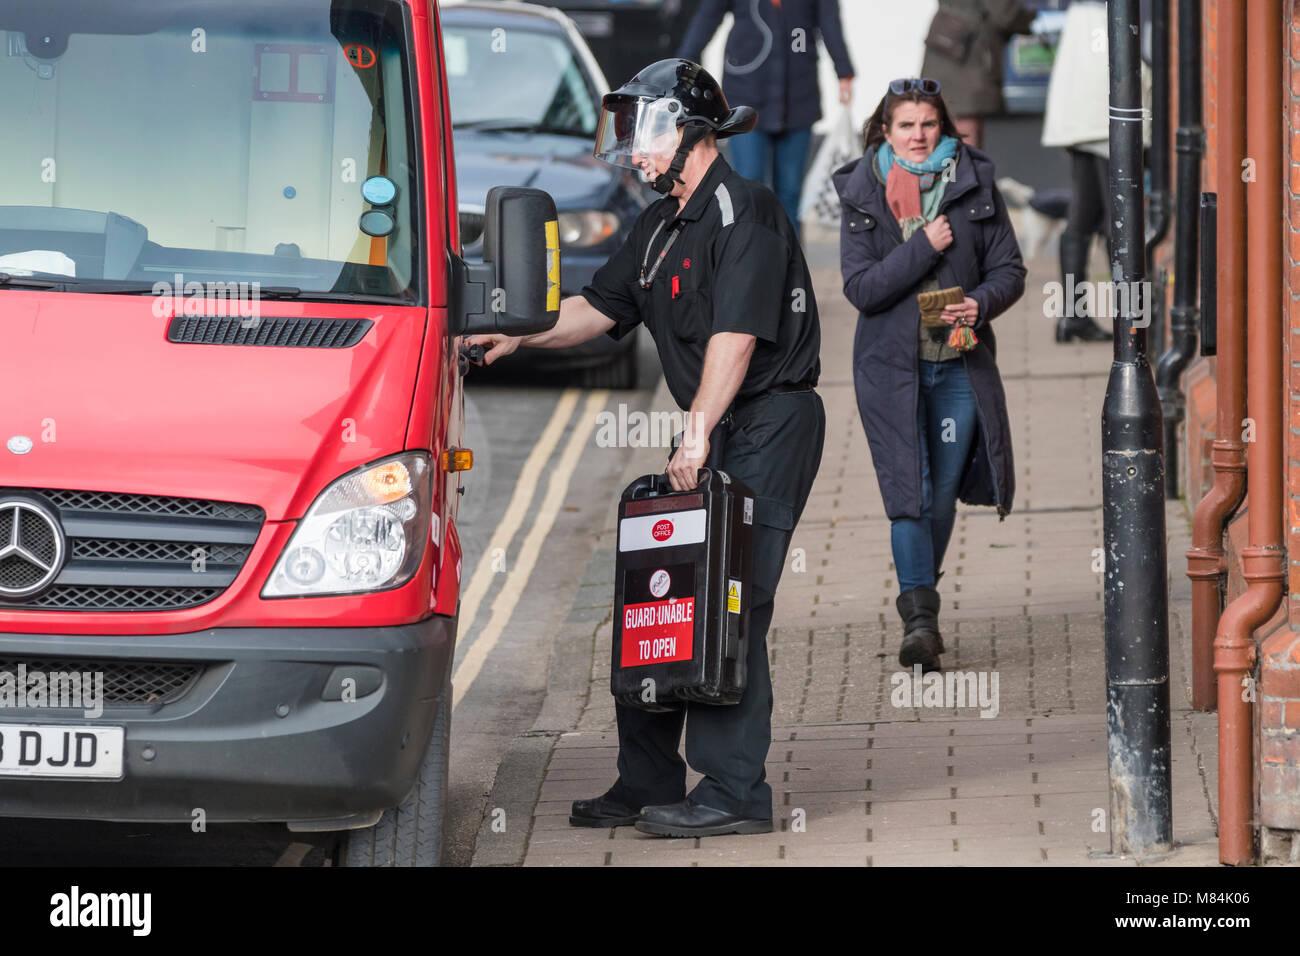 Macho de guardia de seguridad en la oficina de correos ropa protectora seguro seguro de llevar un caso a una camioneta mientras que entregar dinero a una oficina postal en Inglaterra, Reino Unido. Foto de stock